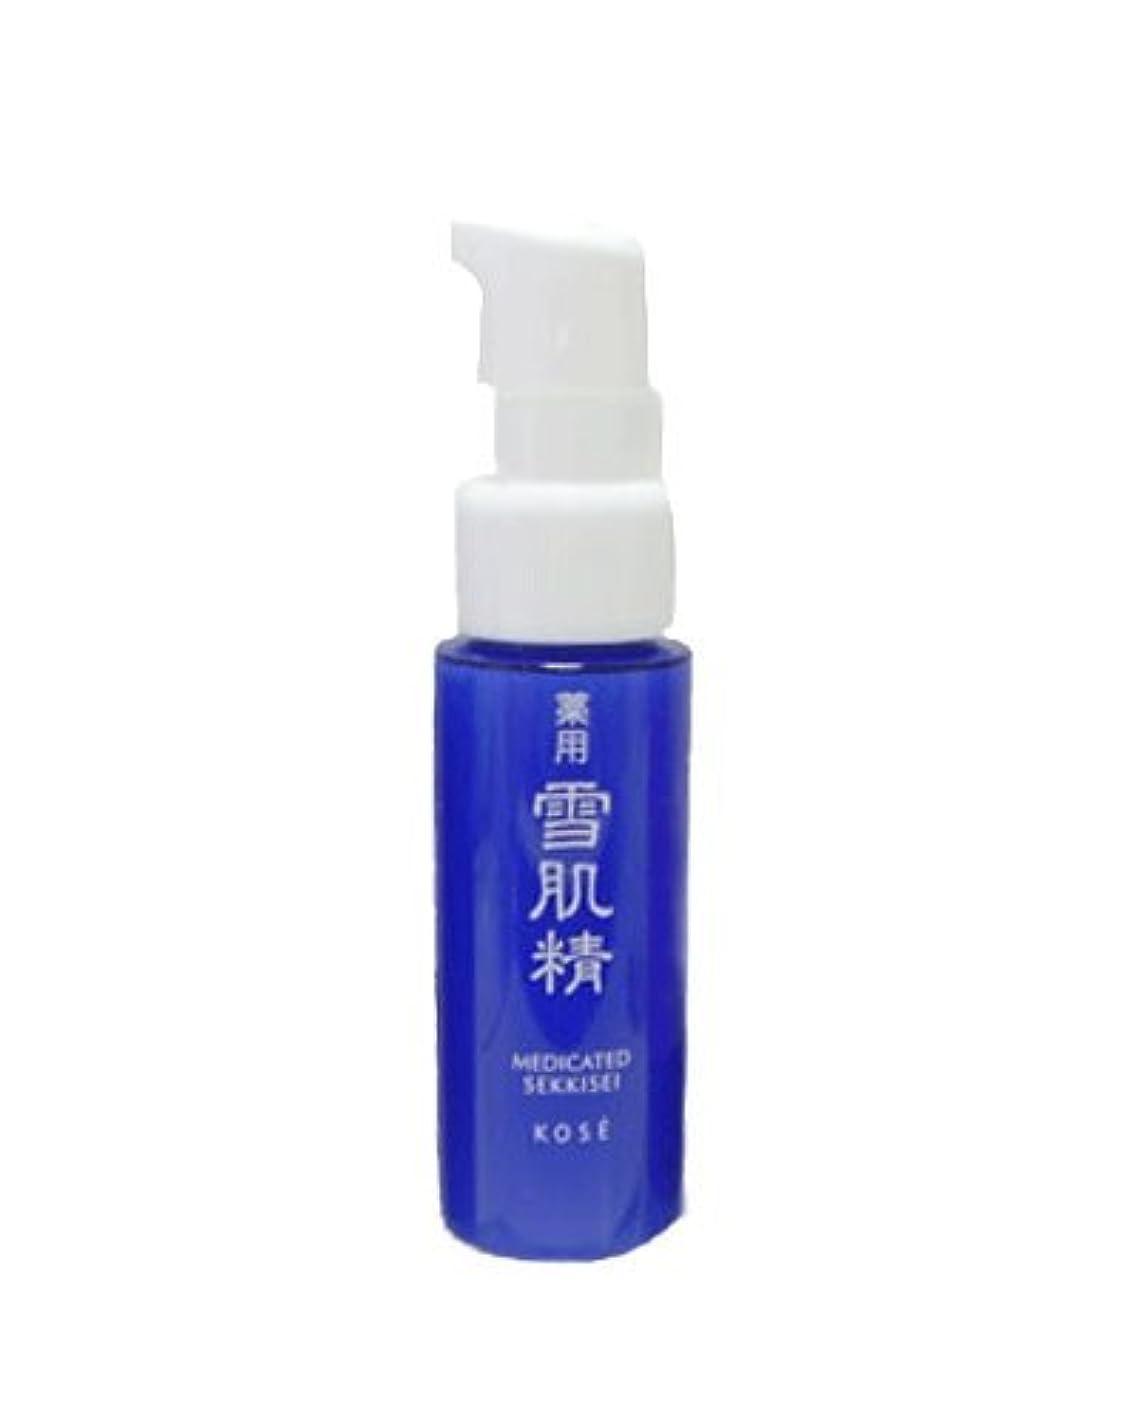 マトリックスプラスチックタオル【コーセー】 薬用雪肌精 乳液 20ml 【ミニサイズ】